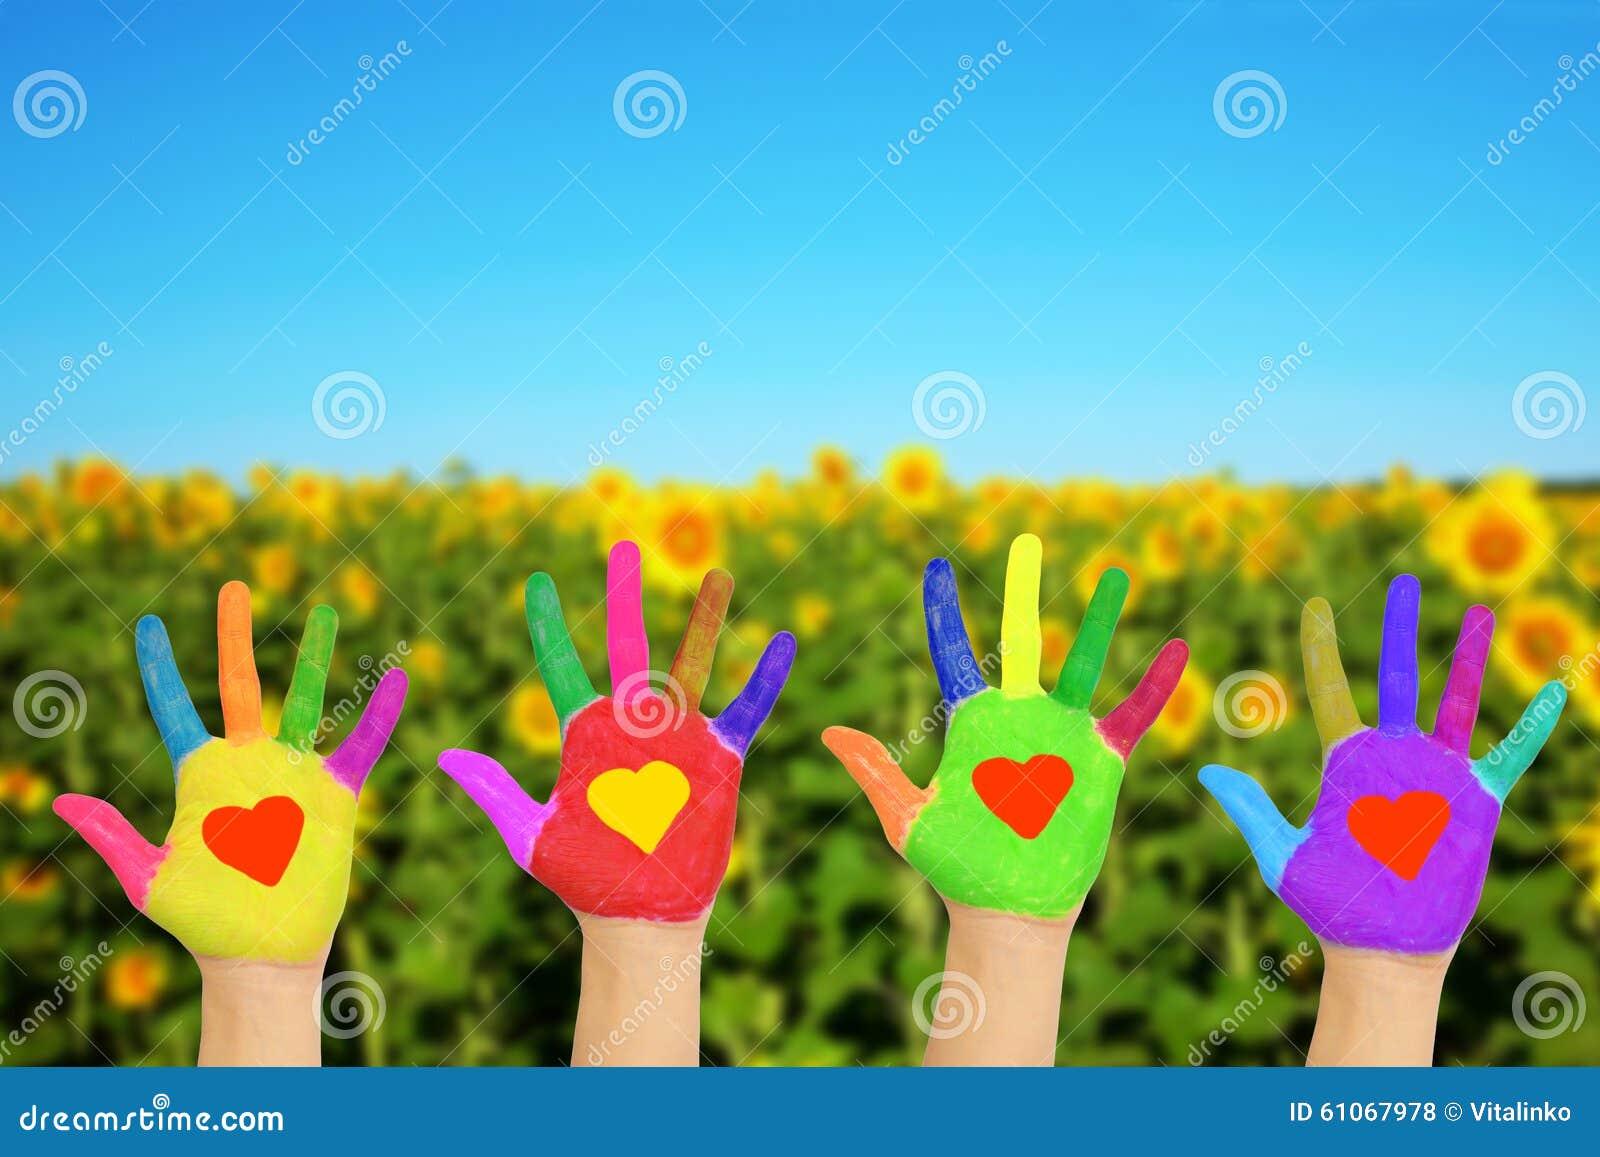 Hände mit Herzen, eco freundliches Konzept